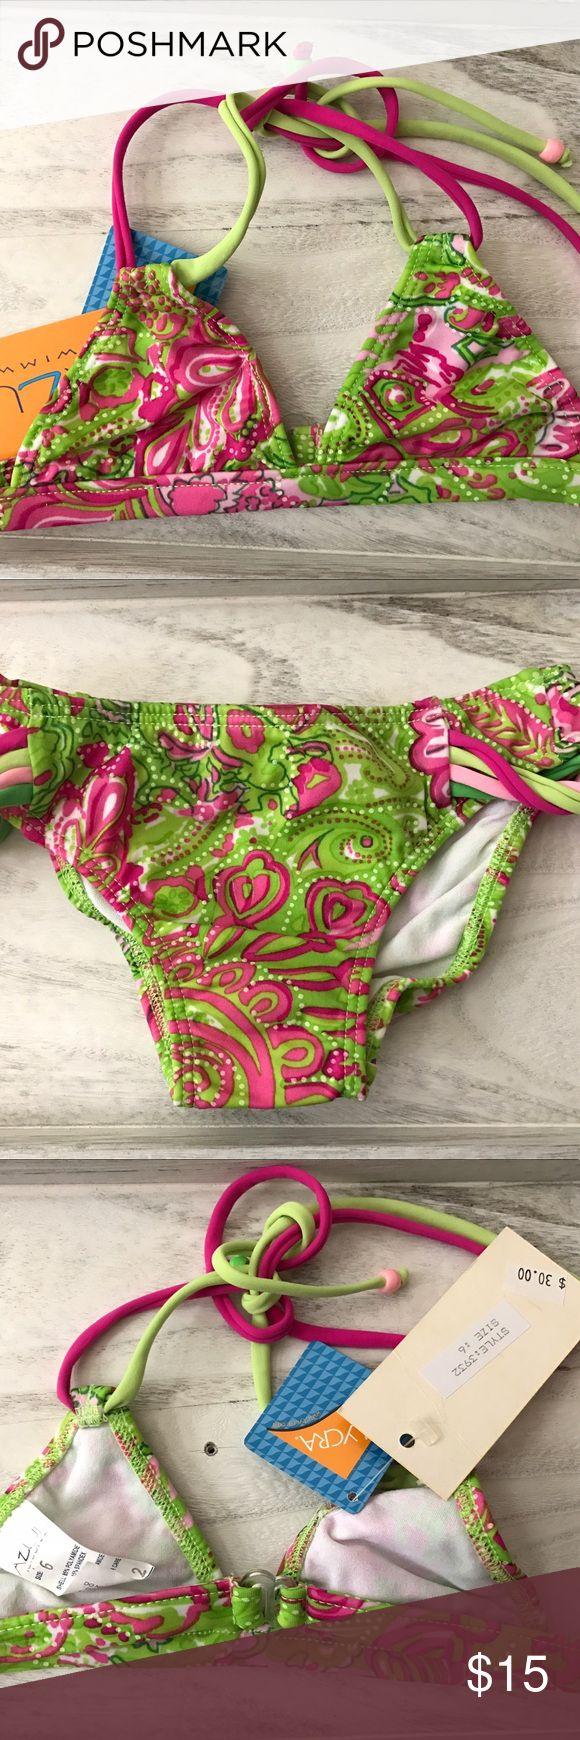 Azul Girls Swimwear Pink And Green Triangle Bikini An adorable pink and green print highlights this bikini set from Azul Swimwear. Tie embellishments complete this bikini set Azul Swimwear Swim Bikinis